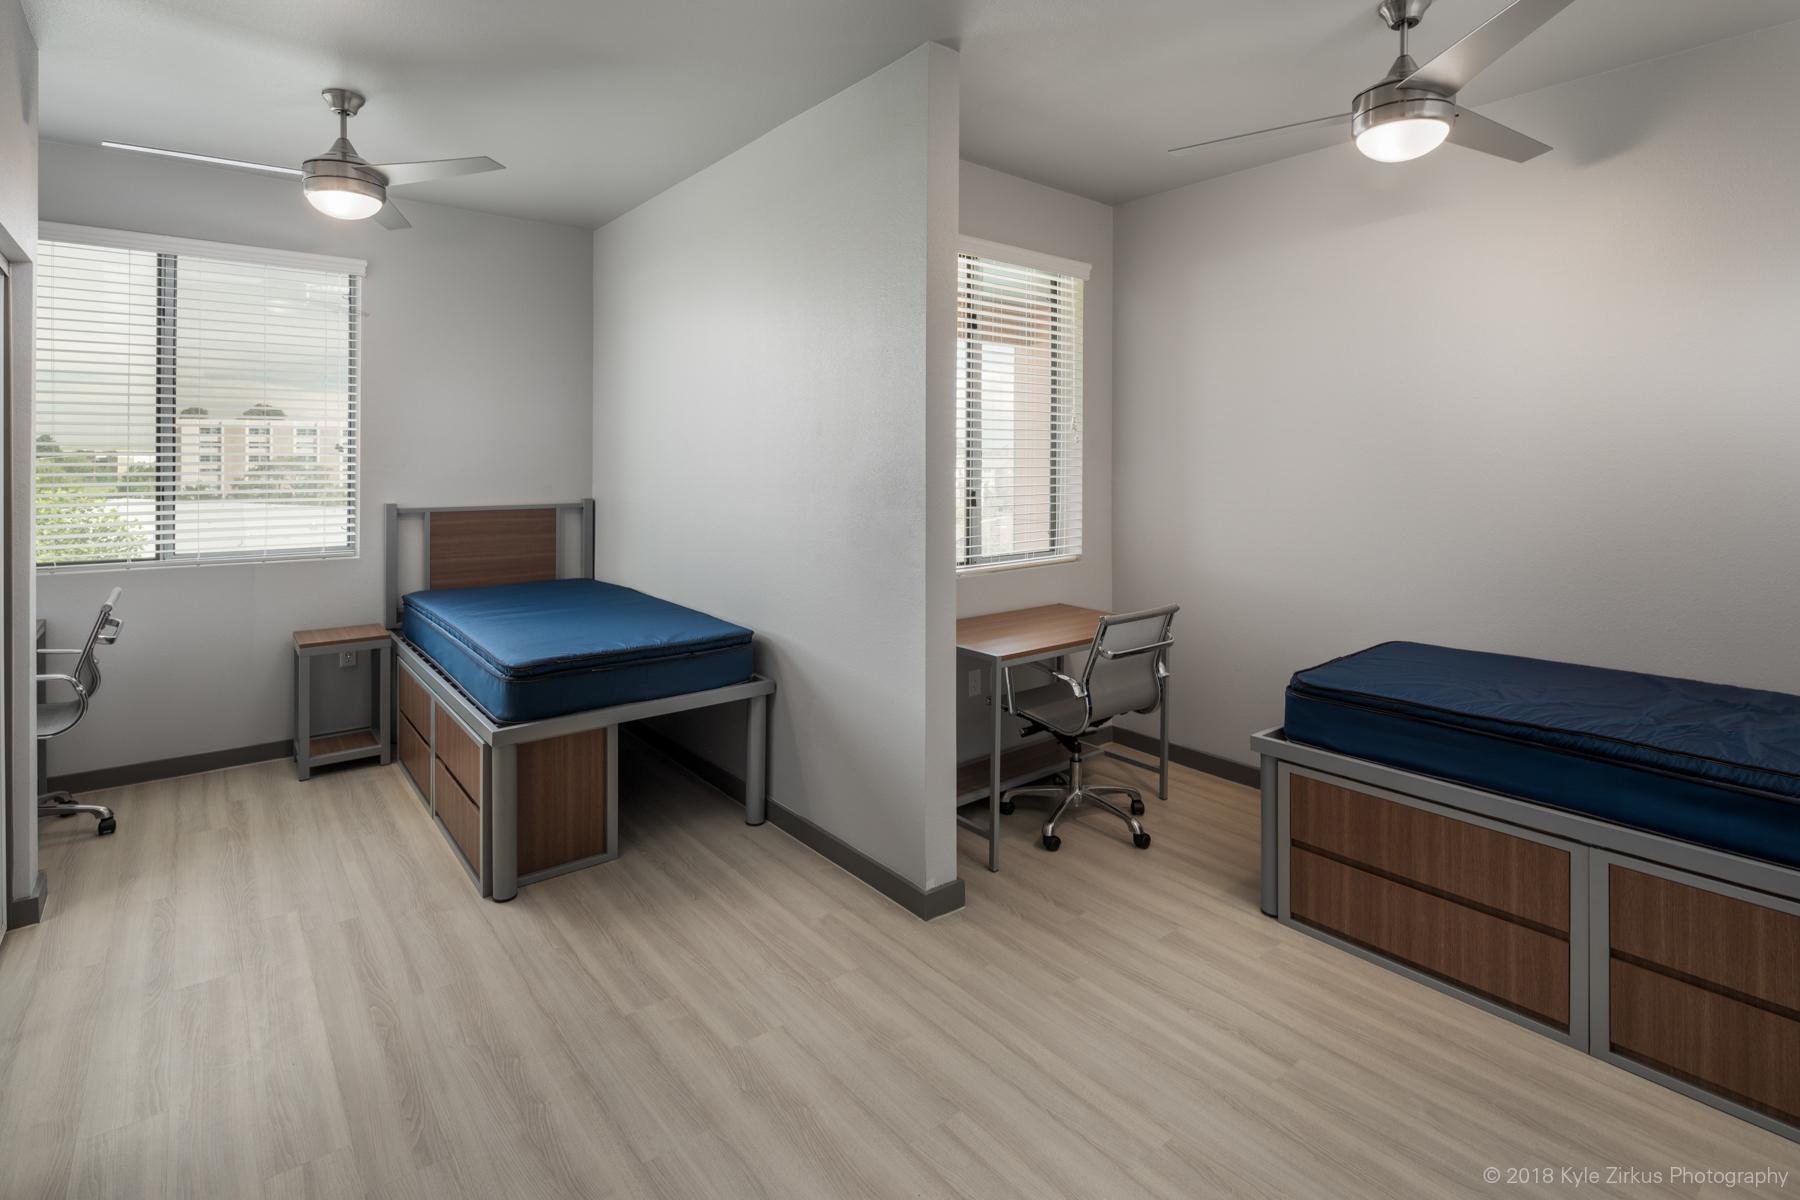 College Apartment Kitchen Storage